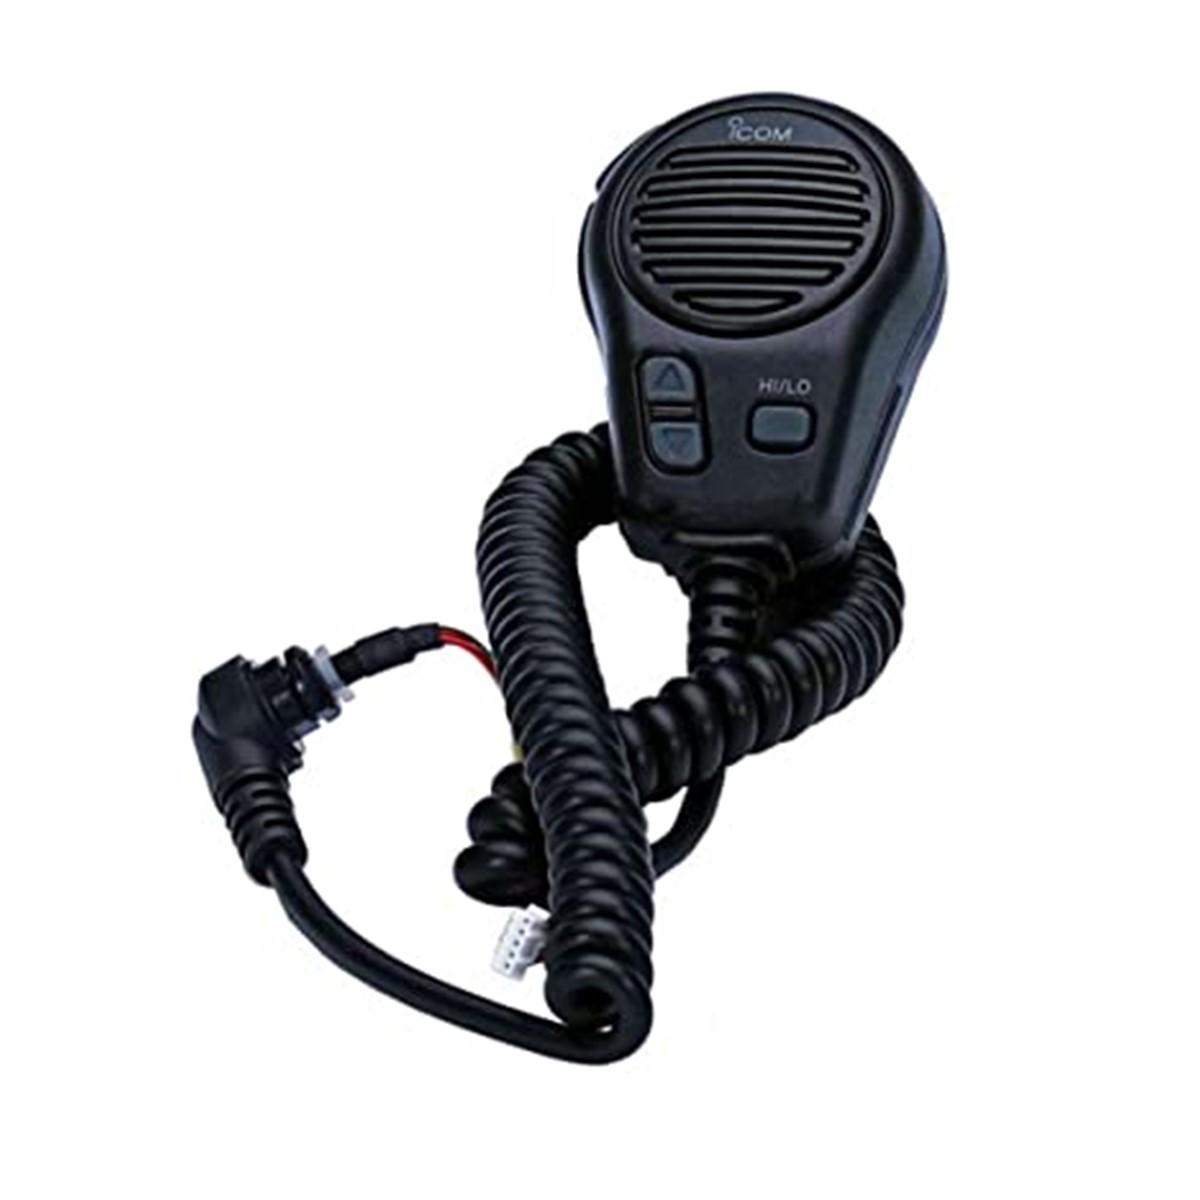 Micrófono Icom HM-164 para radio móvil